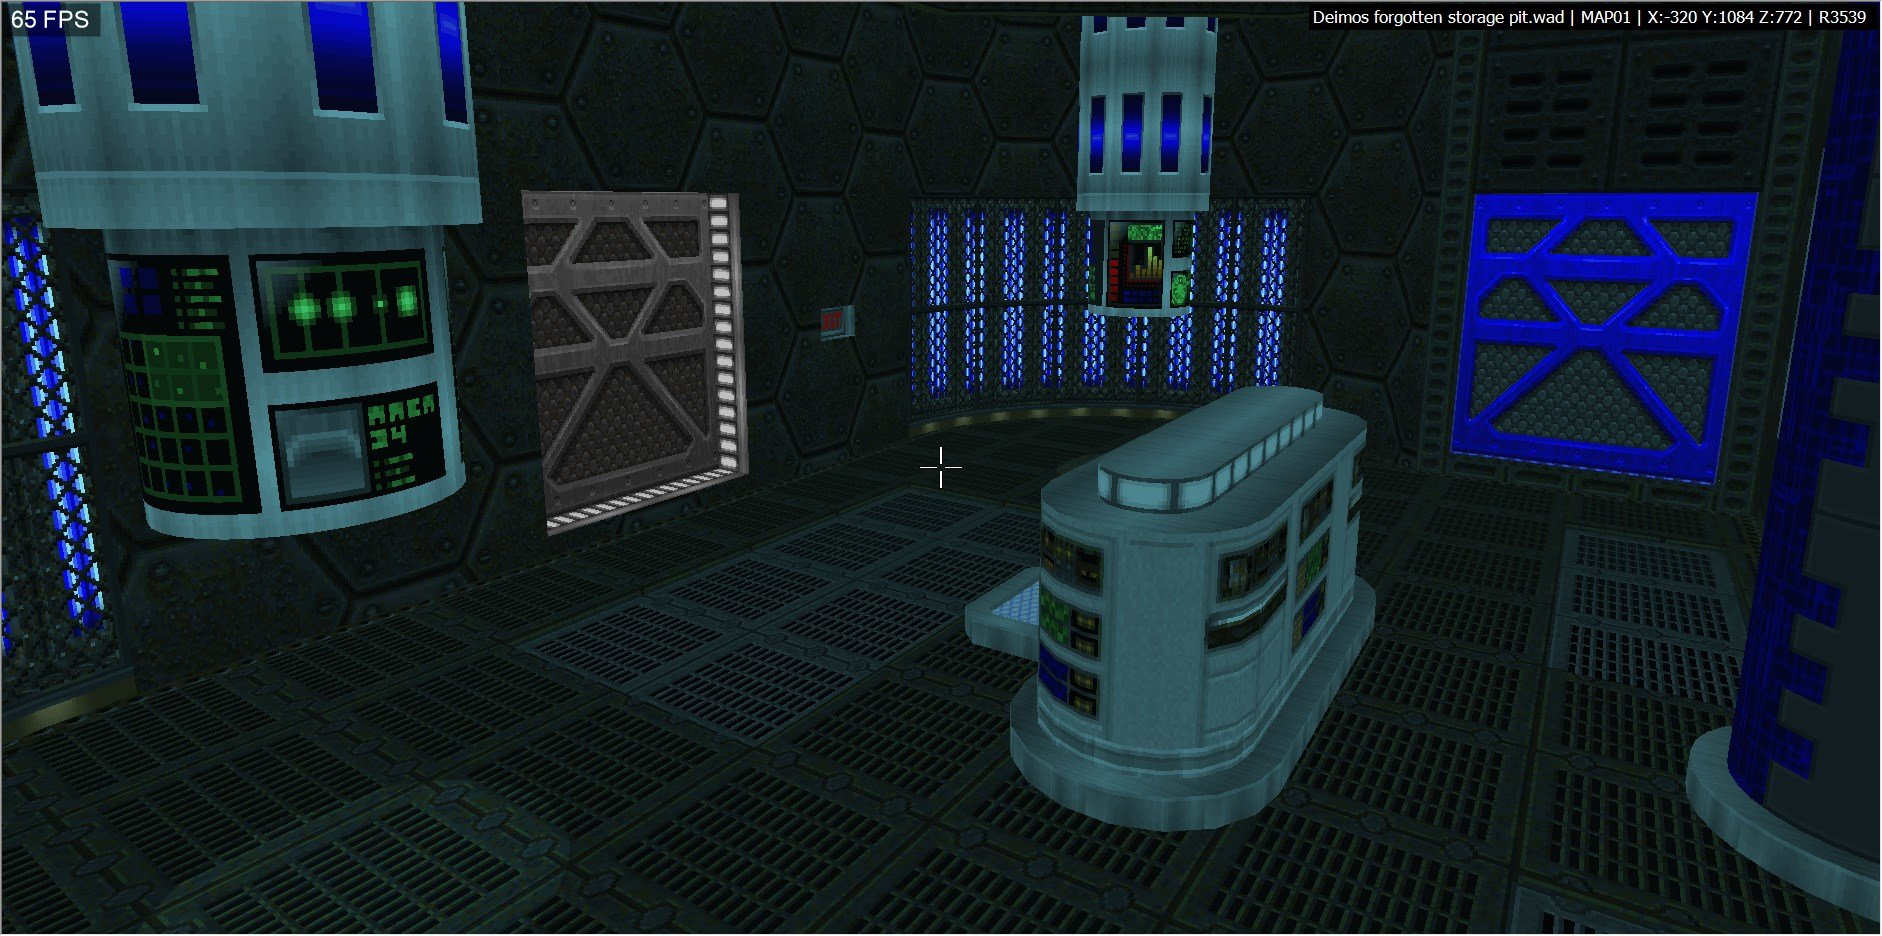 Deimos forgotten storage pit (edit area) at 2020.09.05 21-30-30.427 [R3539].jpg